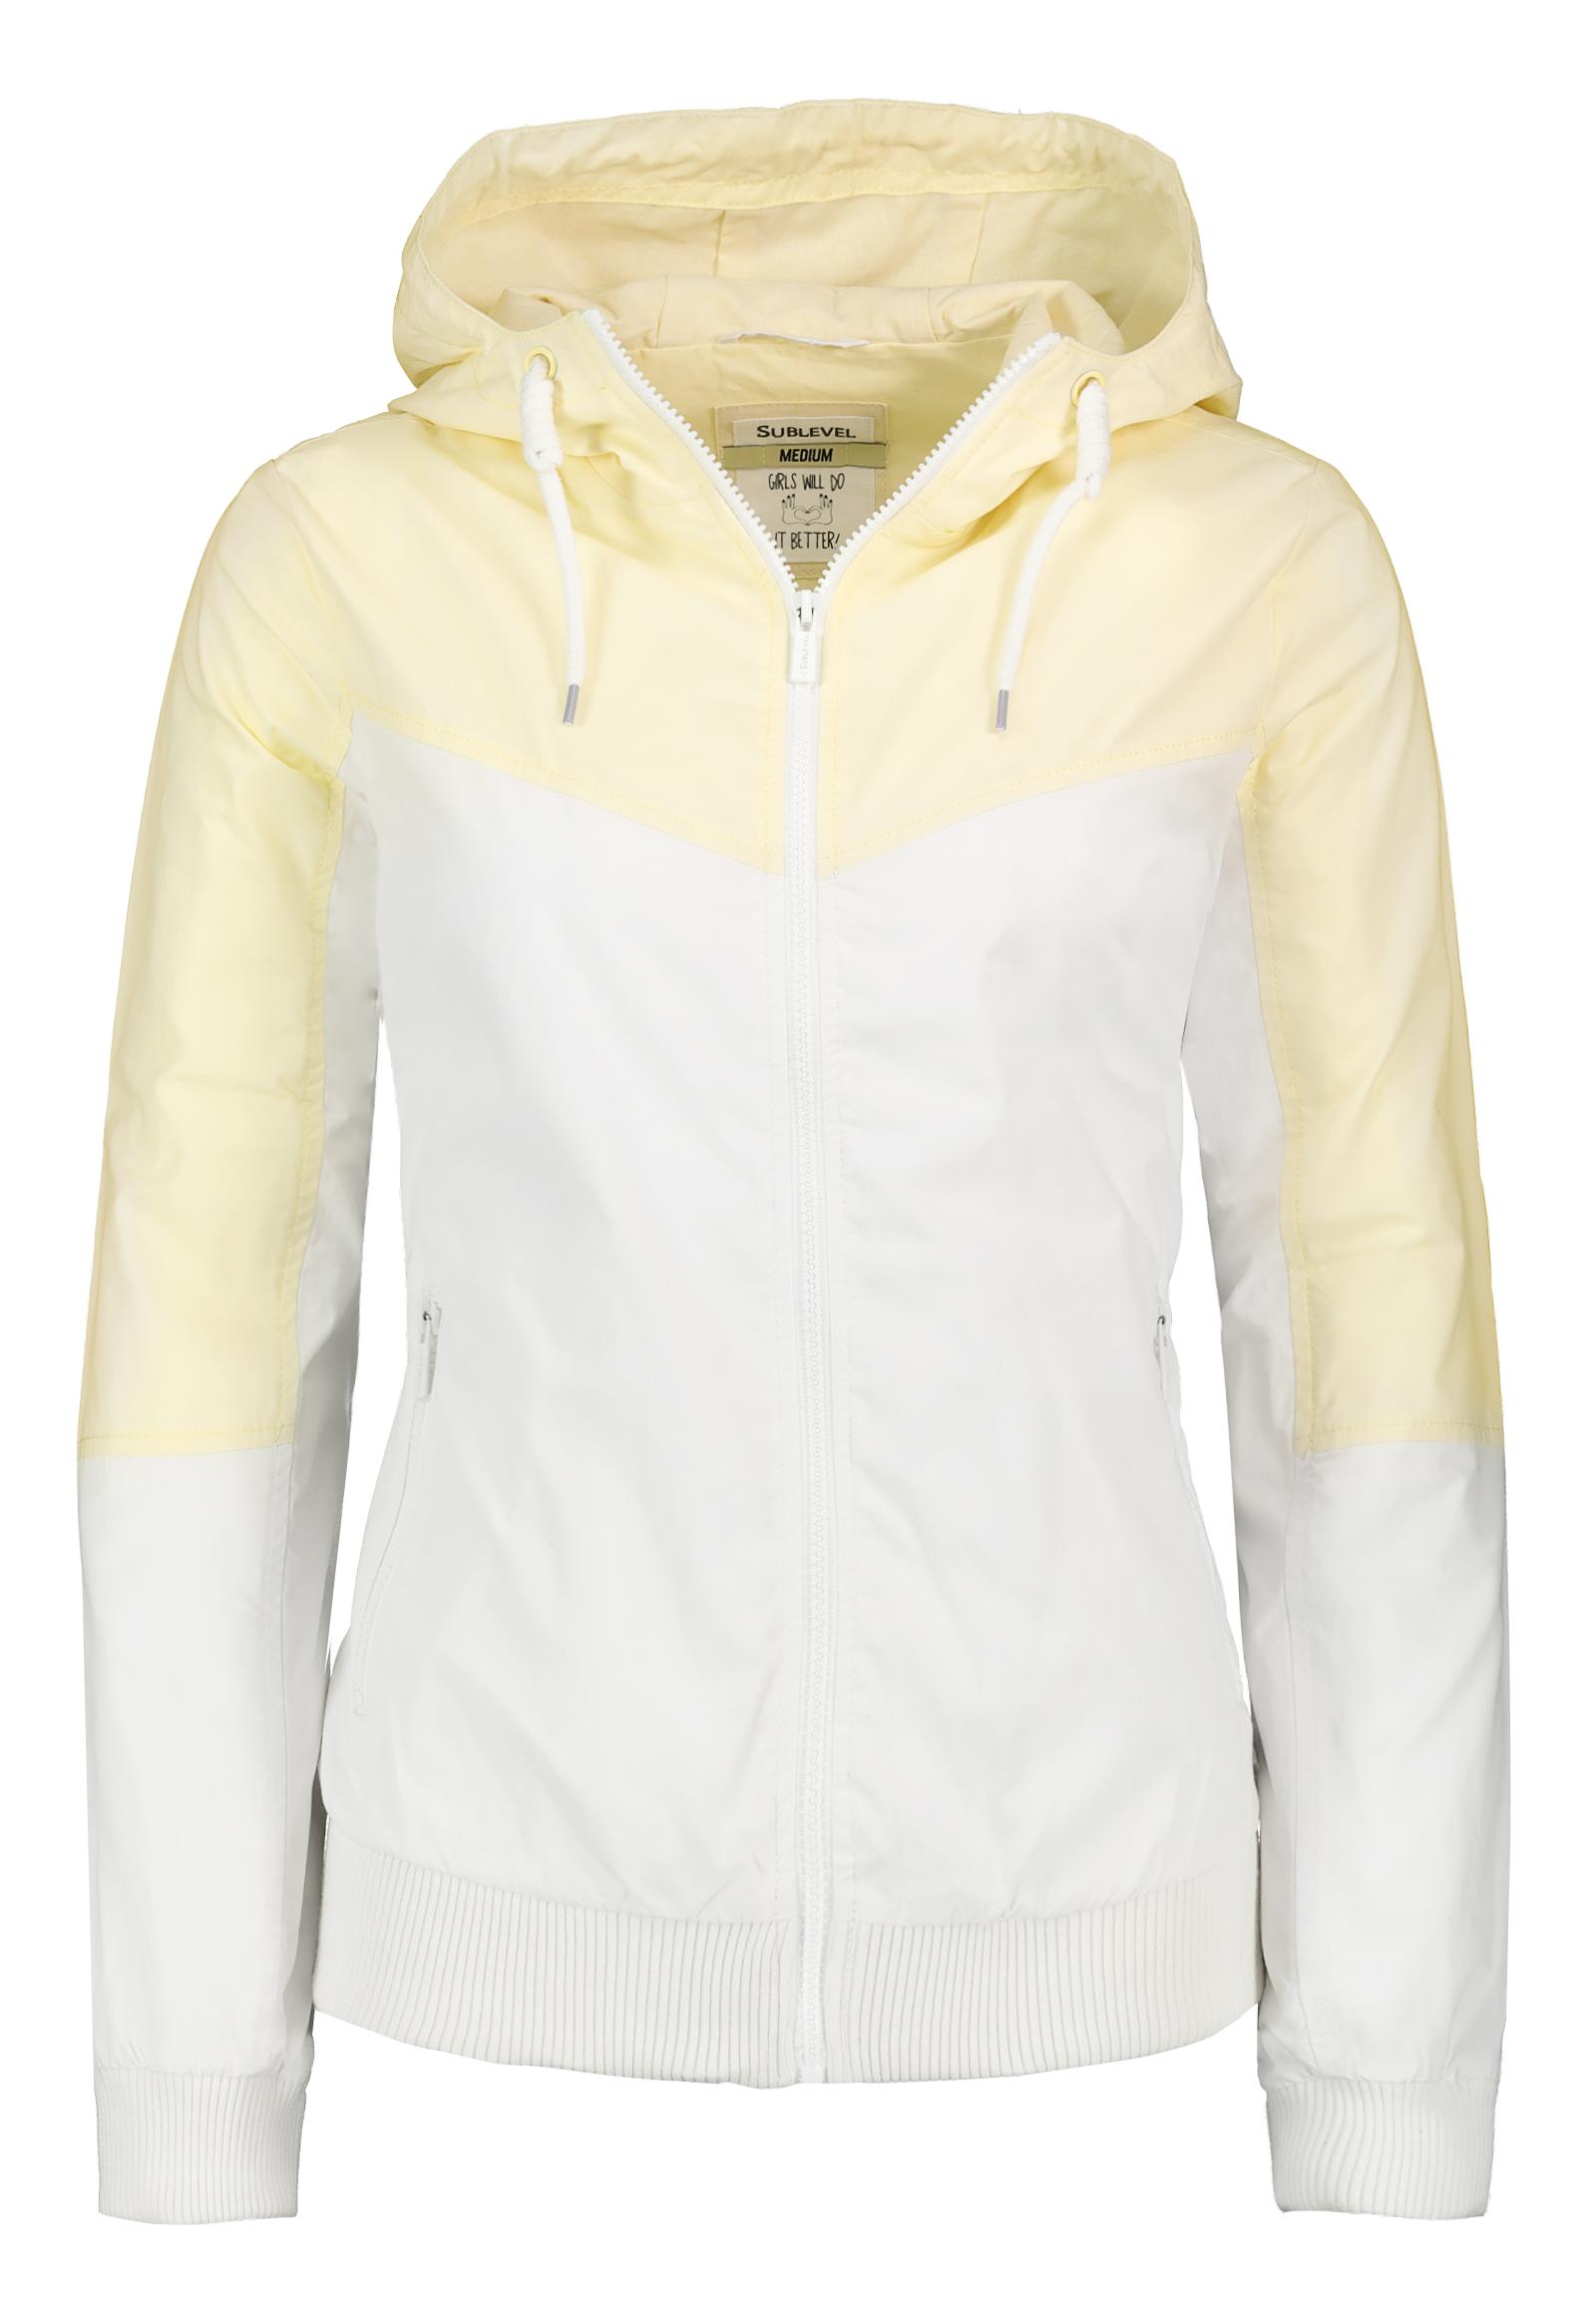 Details zu SUBLEVEL Leichte Damen Jacke im Colorblock Style mit Kapuze Windbreaker weich